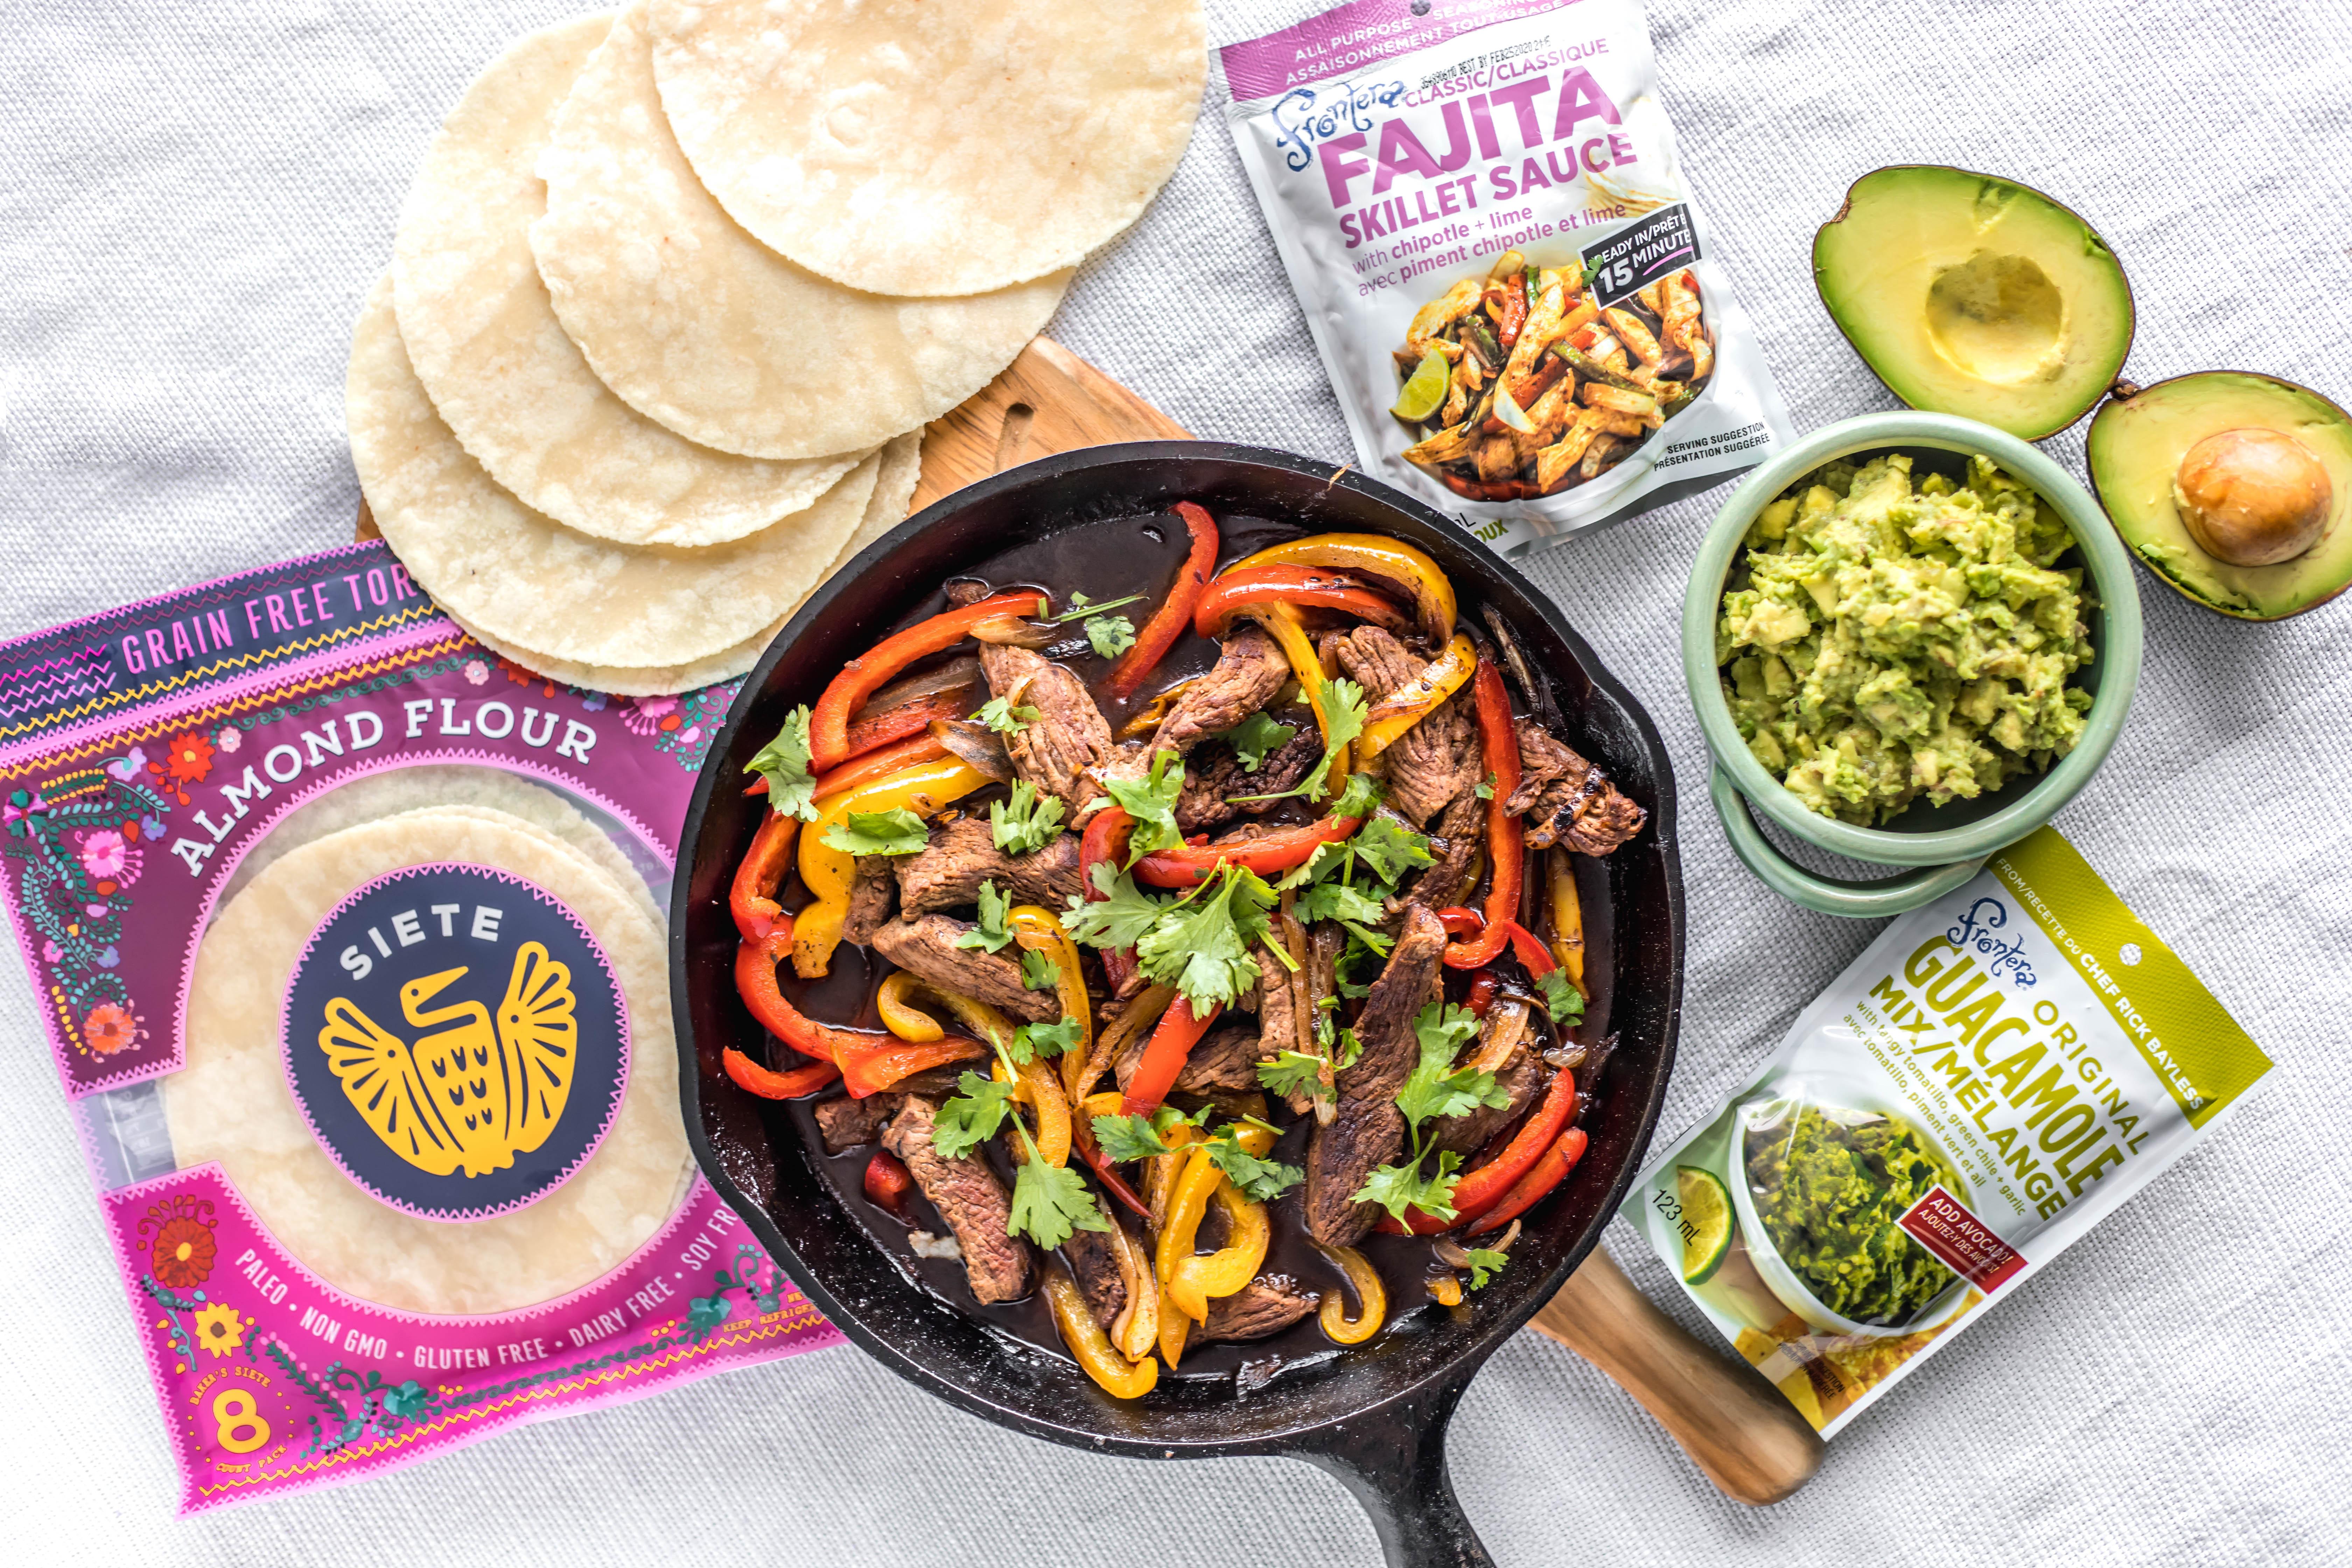 Quick & Easy Frontera Steak Fajitas with Guacamole